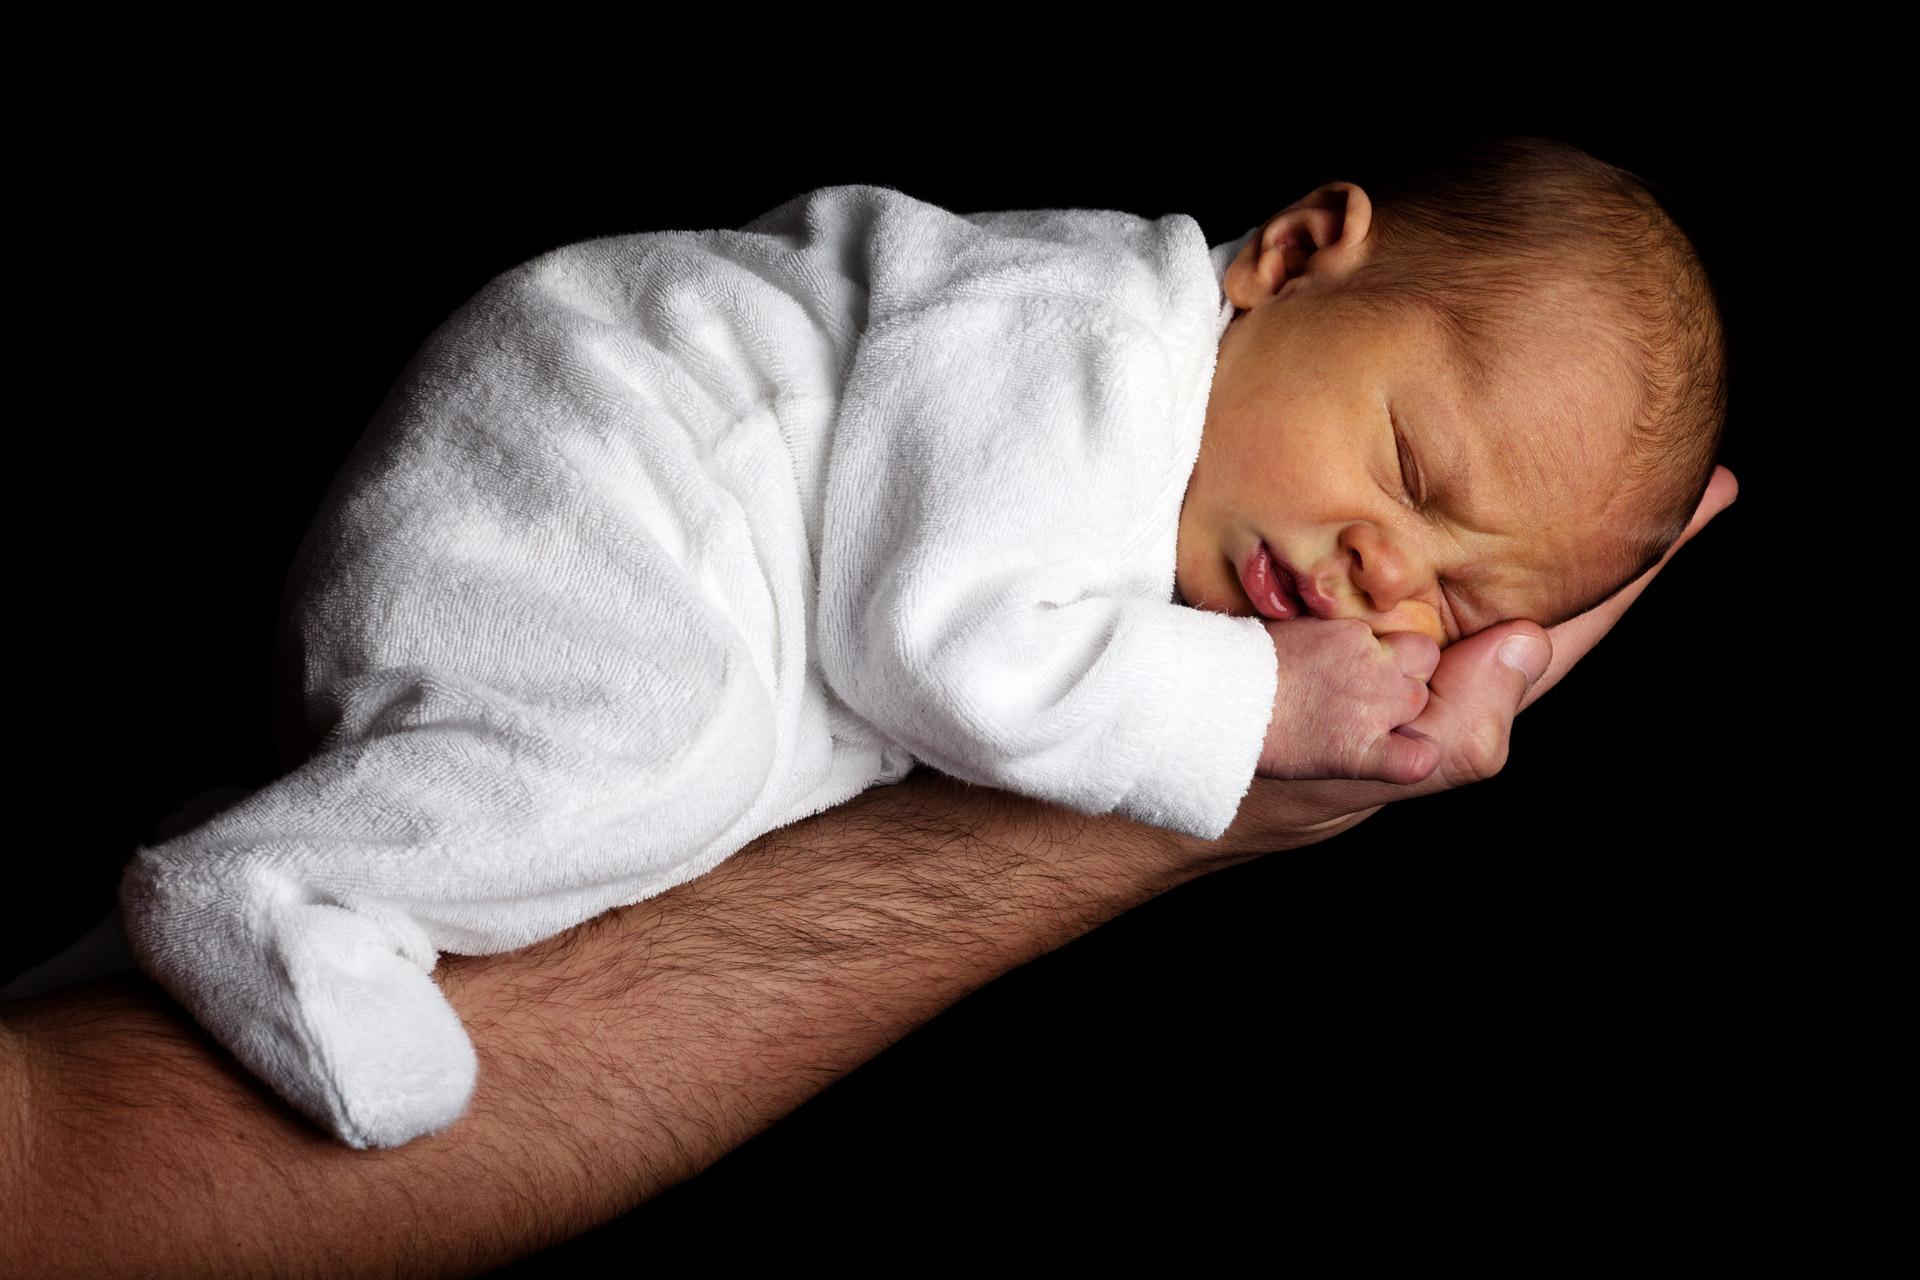 Extreme Zwangerschapsmisselijkheid Heeft Consequenties Baby